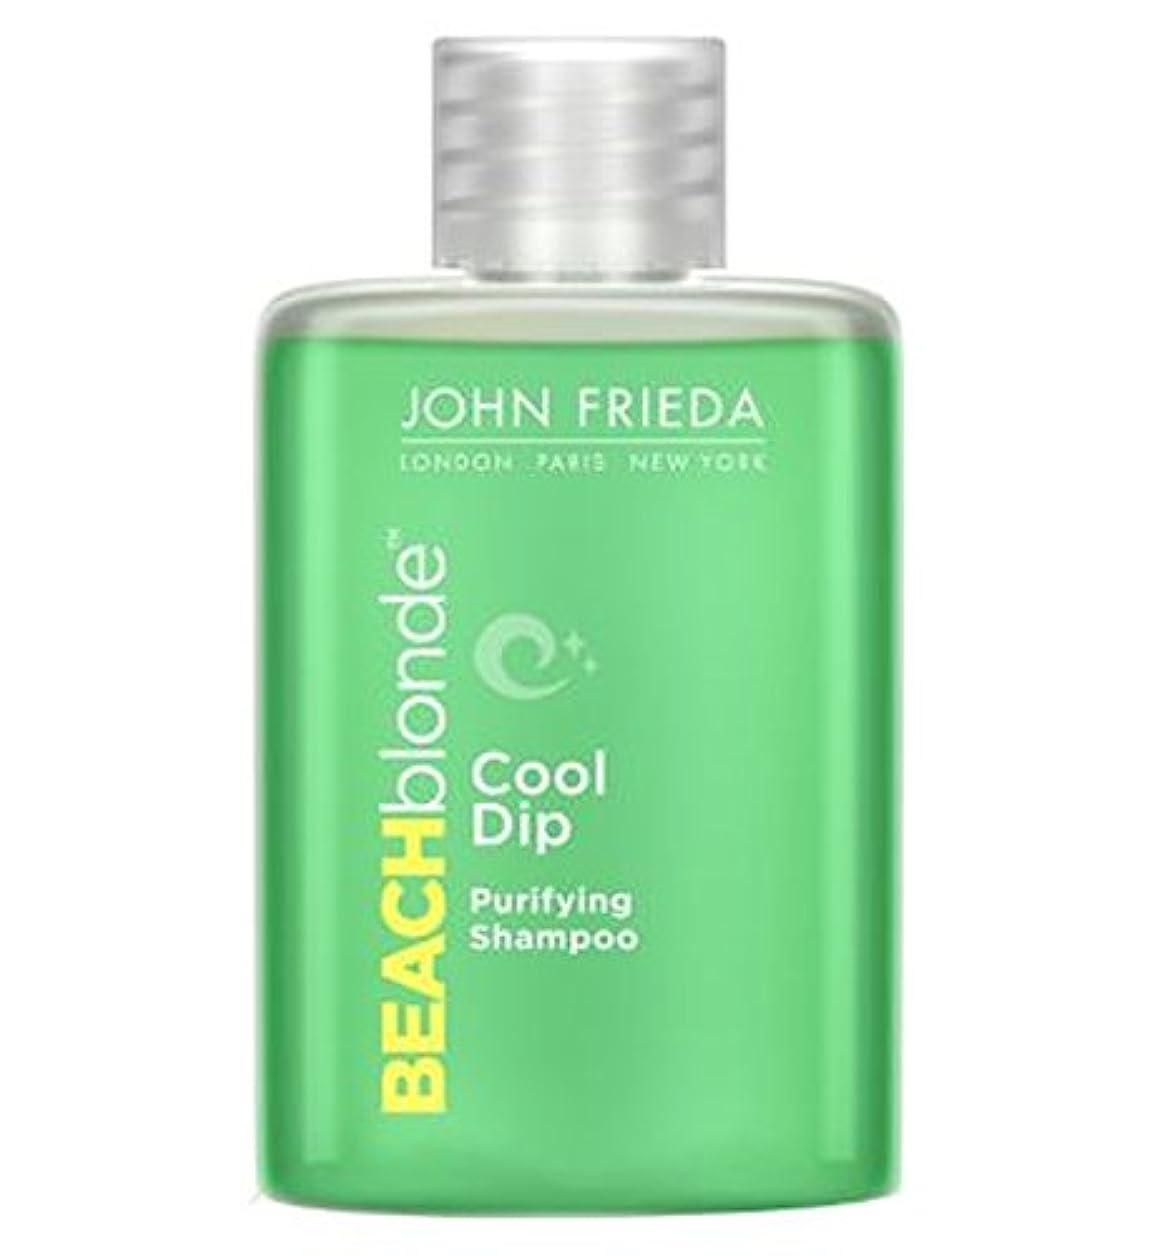 農村カメラ通行料金ジョンFrieda?ビーチ金髪クールディップ浄化シャンプー50ミリリットル (John Frieda) (x2) - John Frieda? Beach Blonde Cool Dip Purifying Shampoo 50ml (Pack of 2) [並行輸入品]